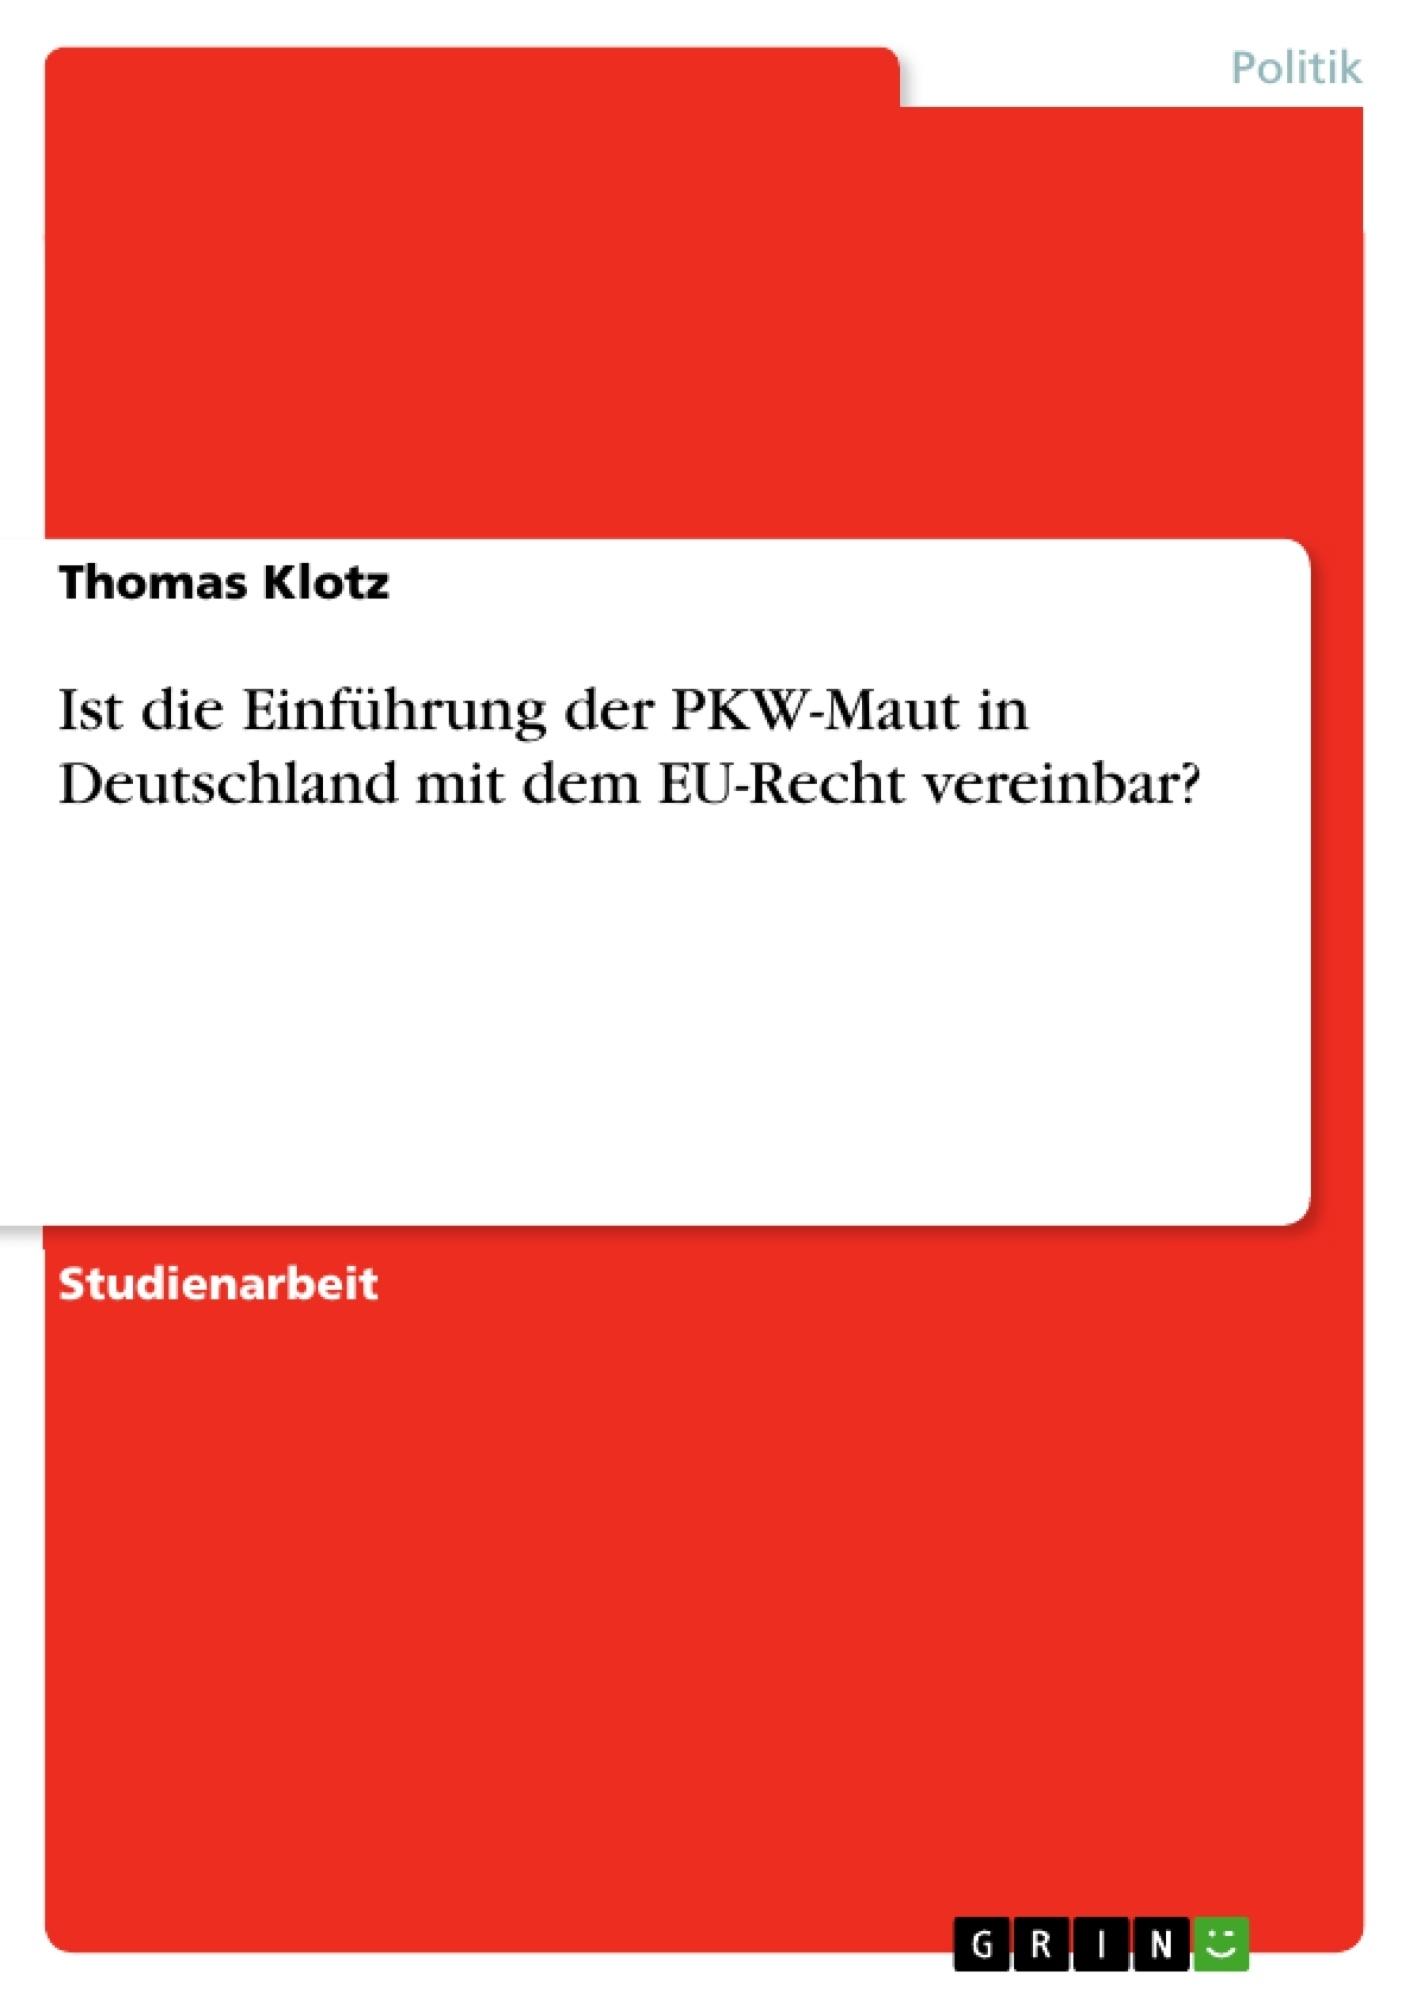 Titel: Ist die Einführung der PKW-Maut in Deutschland mit dem EU-Recht vereinbar?